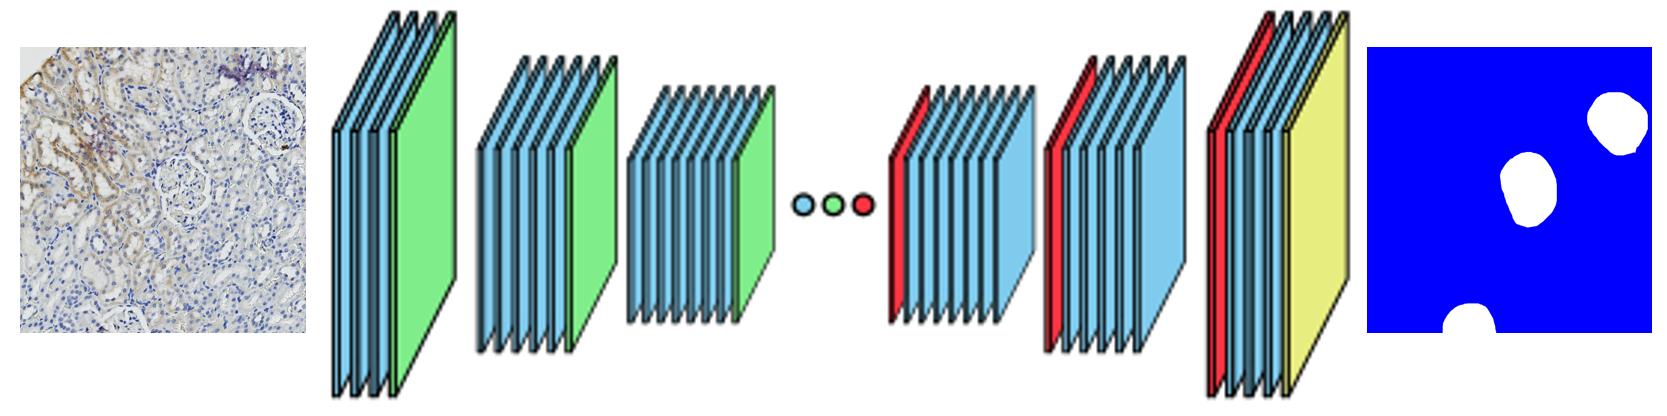 Deep Learning Object Segmentation – Orbit